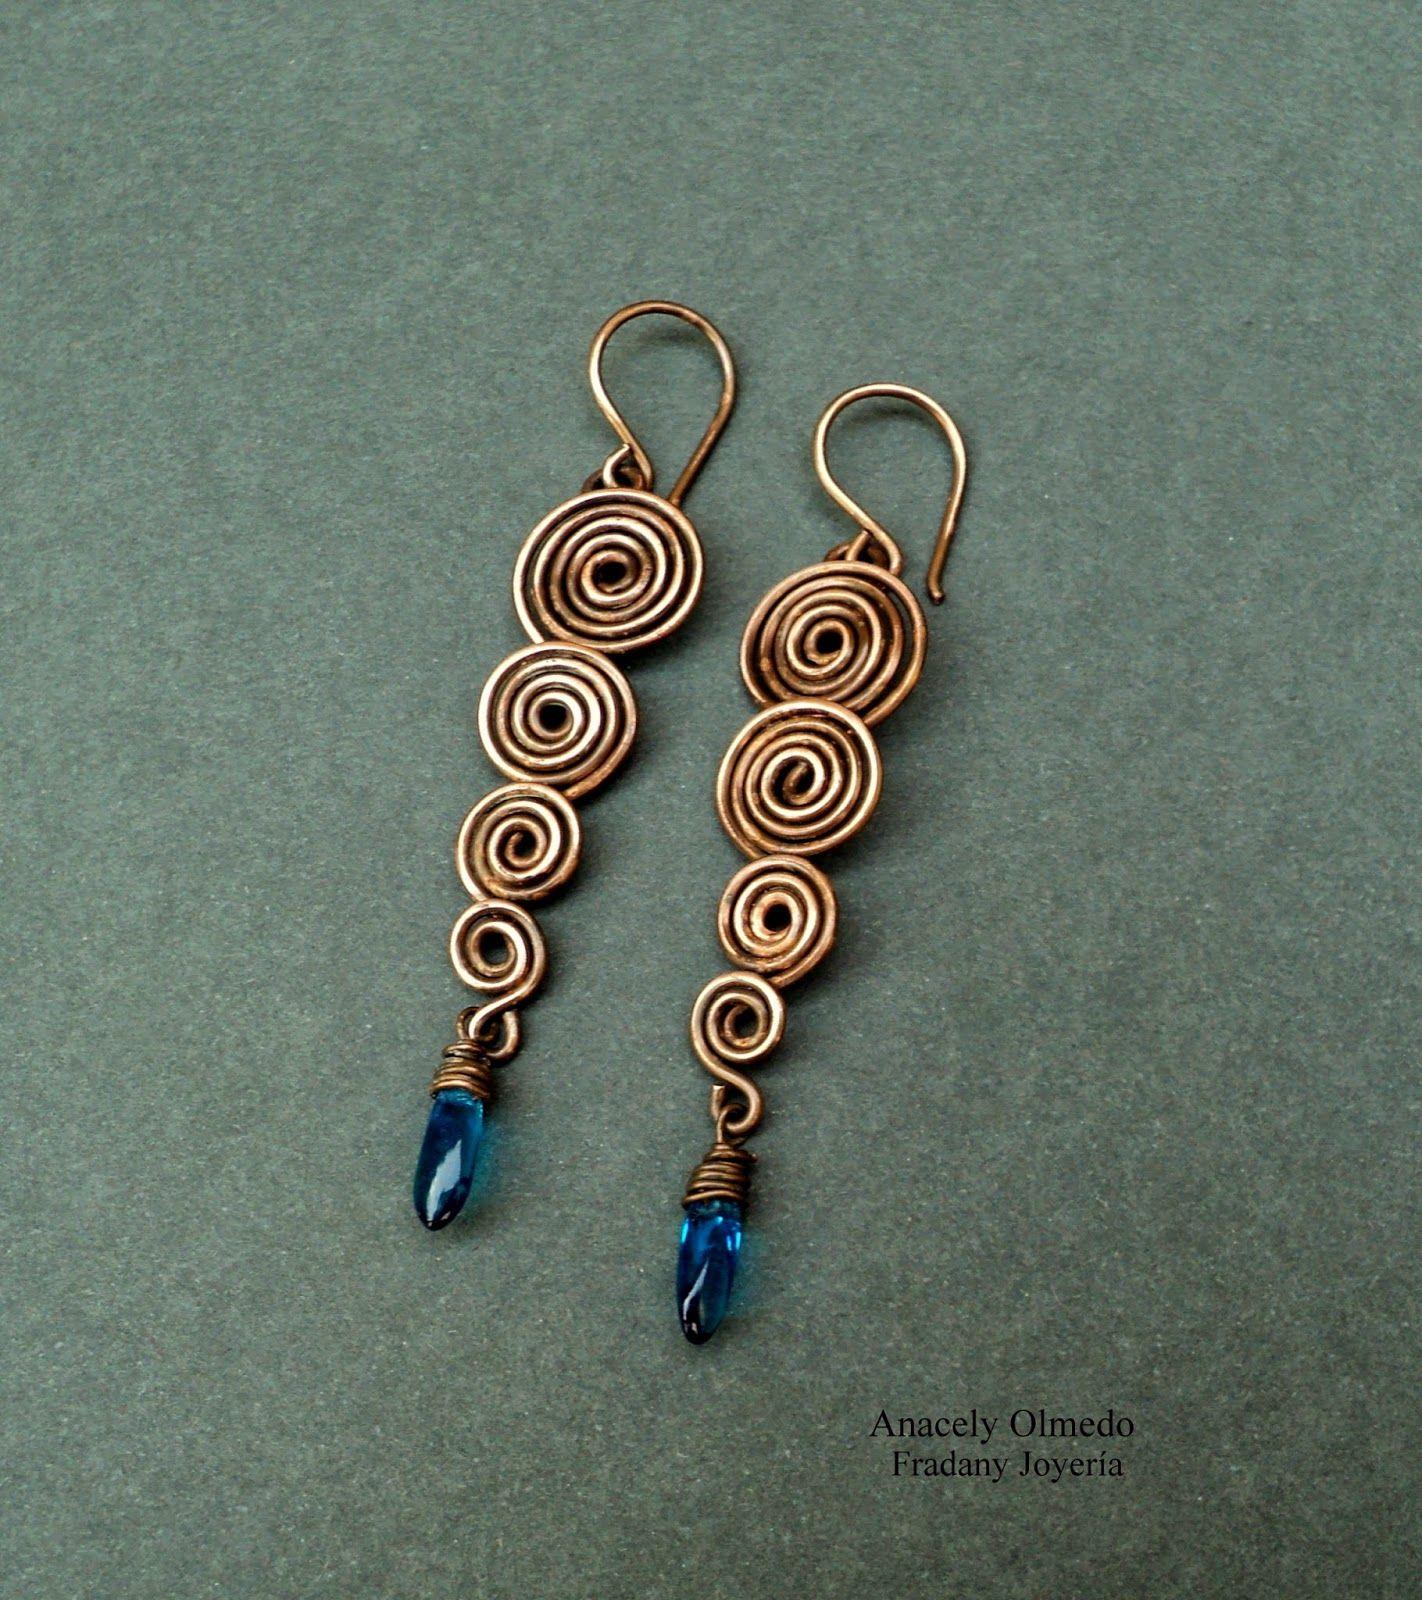 Fradany : Tutorial: Pendientes secuencia de espirales | Jewelry ...